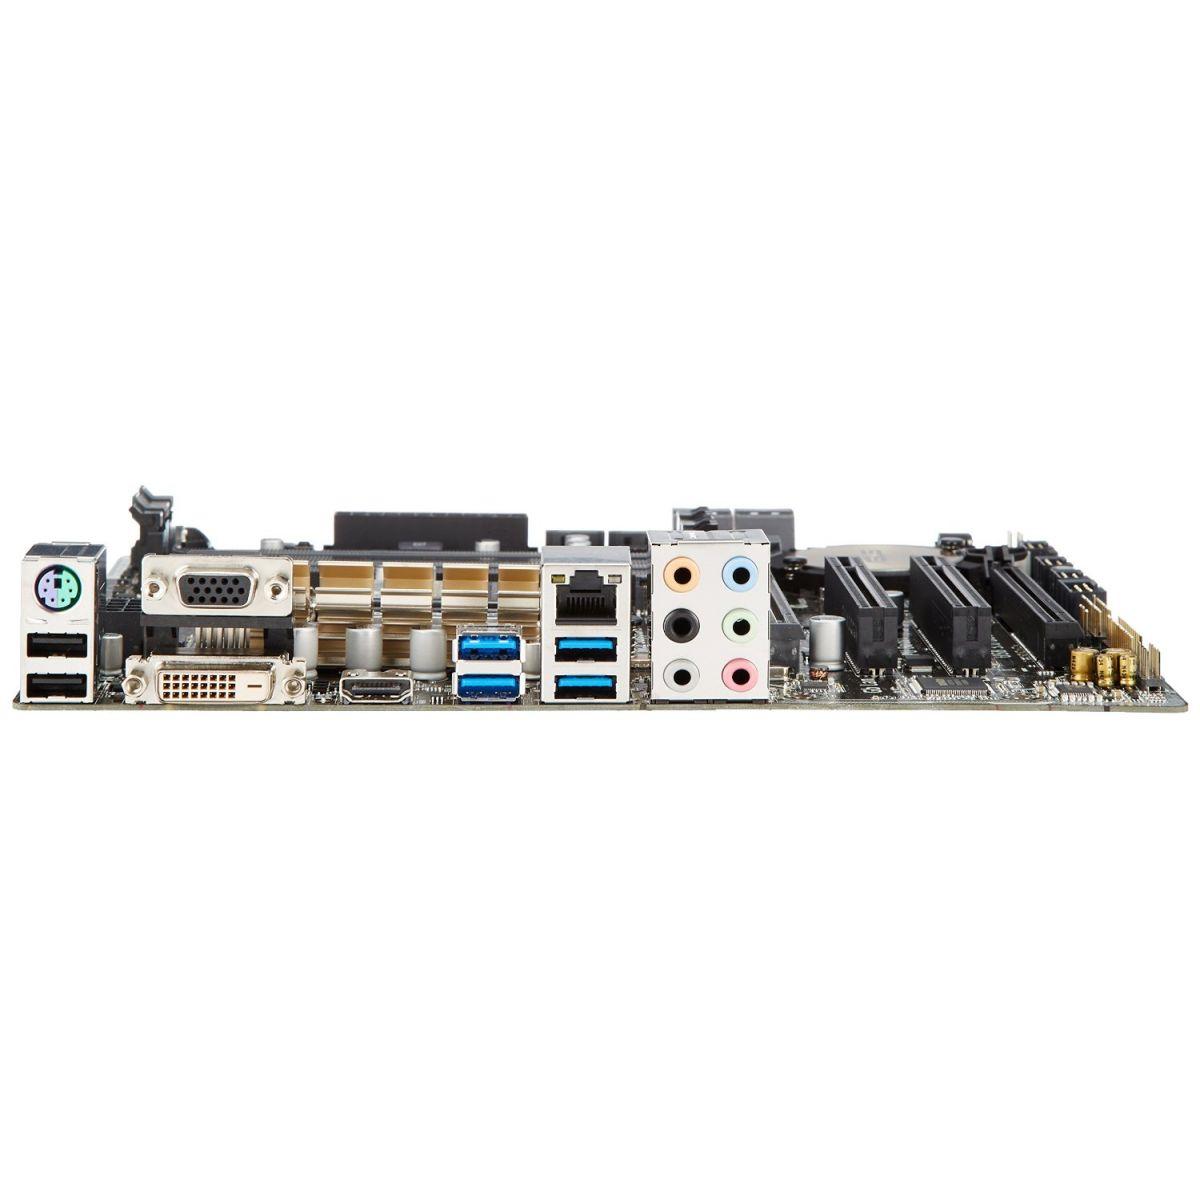 Placa M�e LGA 1150 Z97M-Plus/BR (S/V/R) - Asus